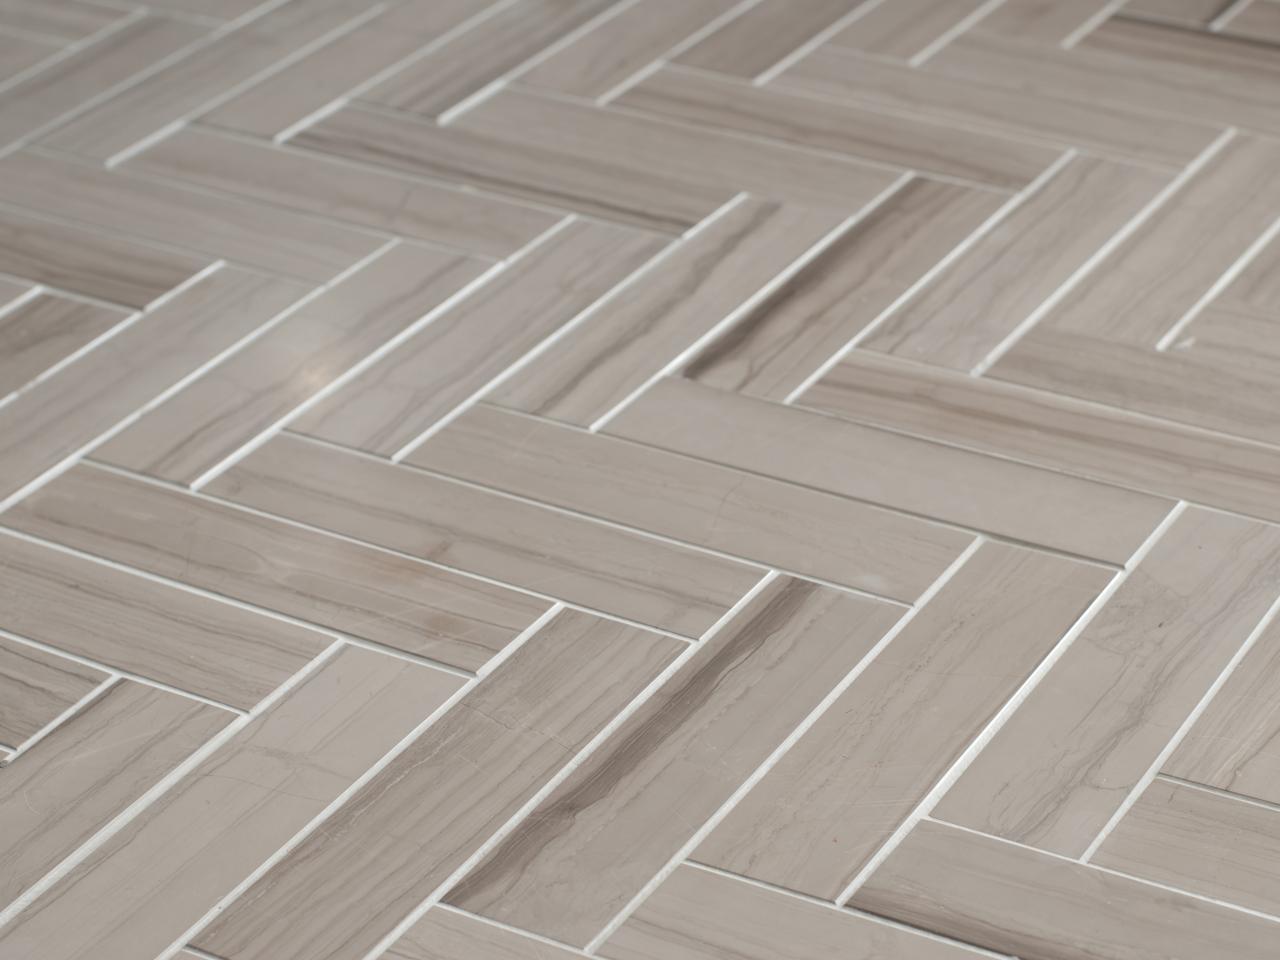 Urban10-Bath_20-tile-floor-detail-BC27663_s4x3.jpg.rend.hgtvcom.1280.960